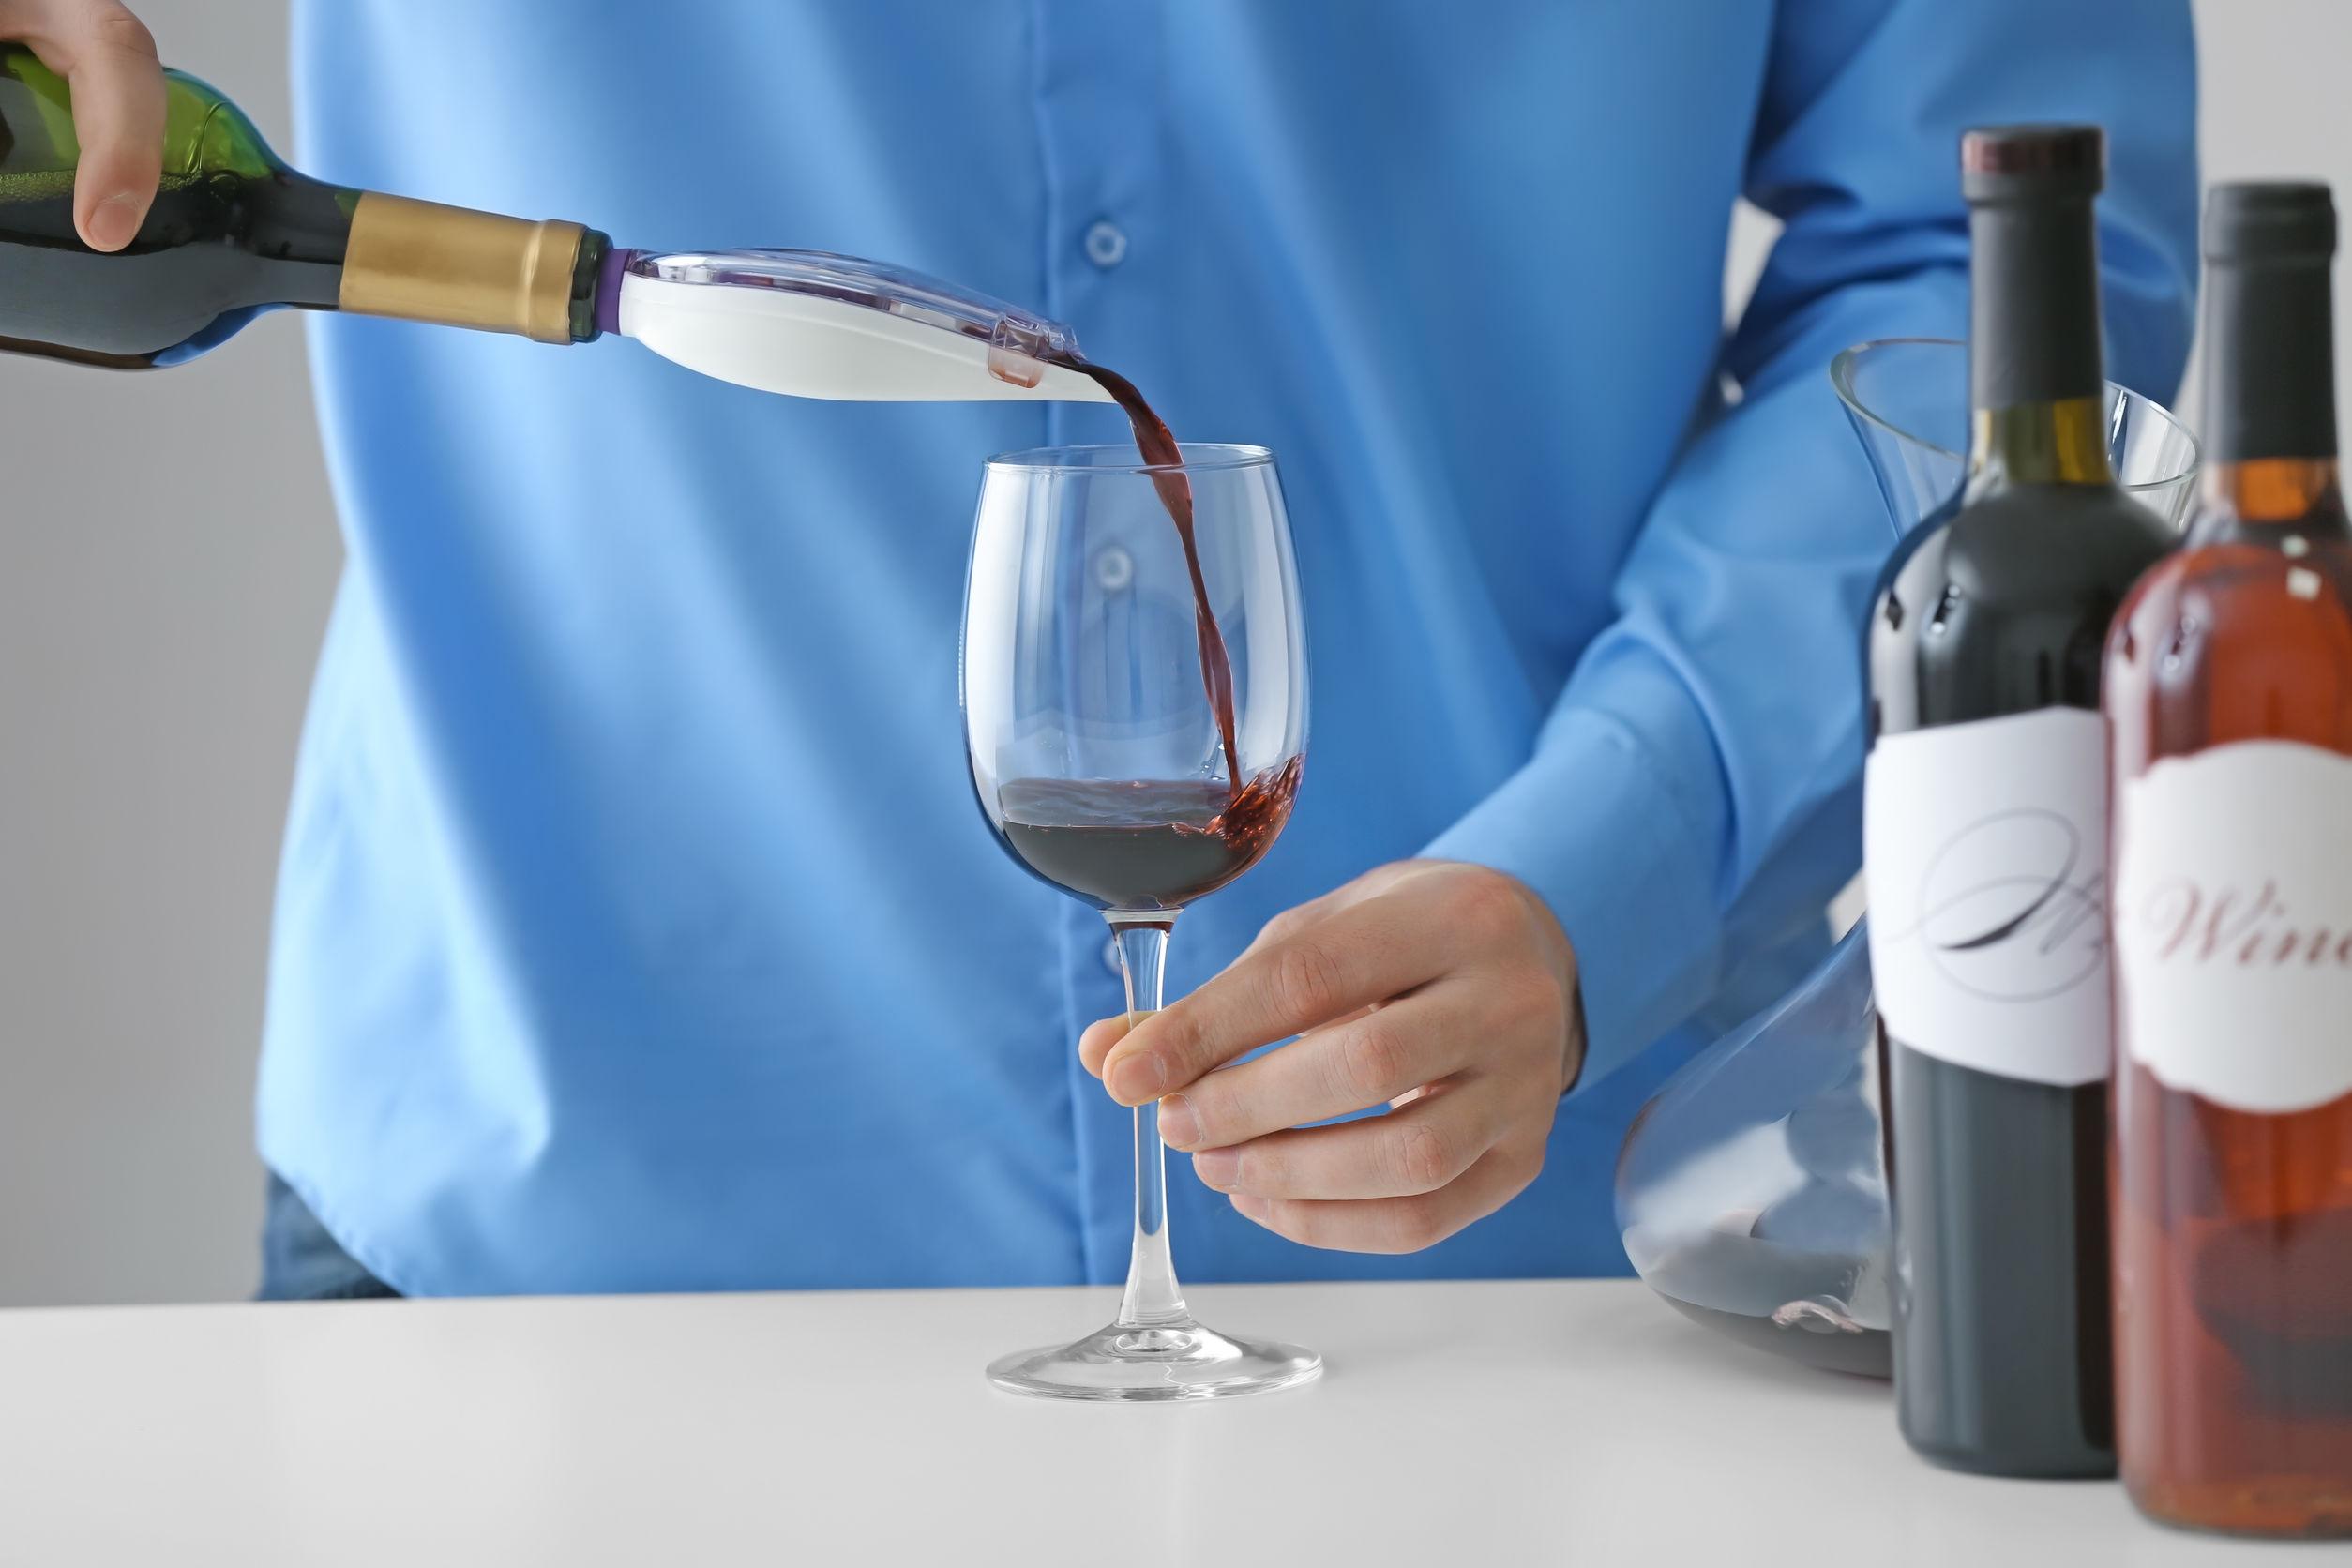 Imagem de pessoa usando um aerador acoplado na garrafa para servir vinho tinto